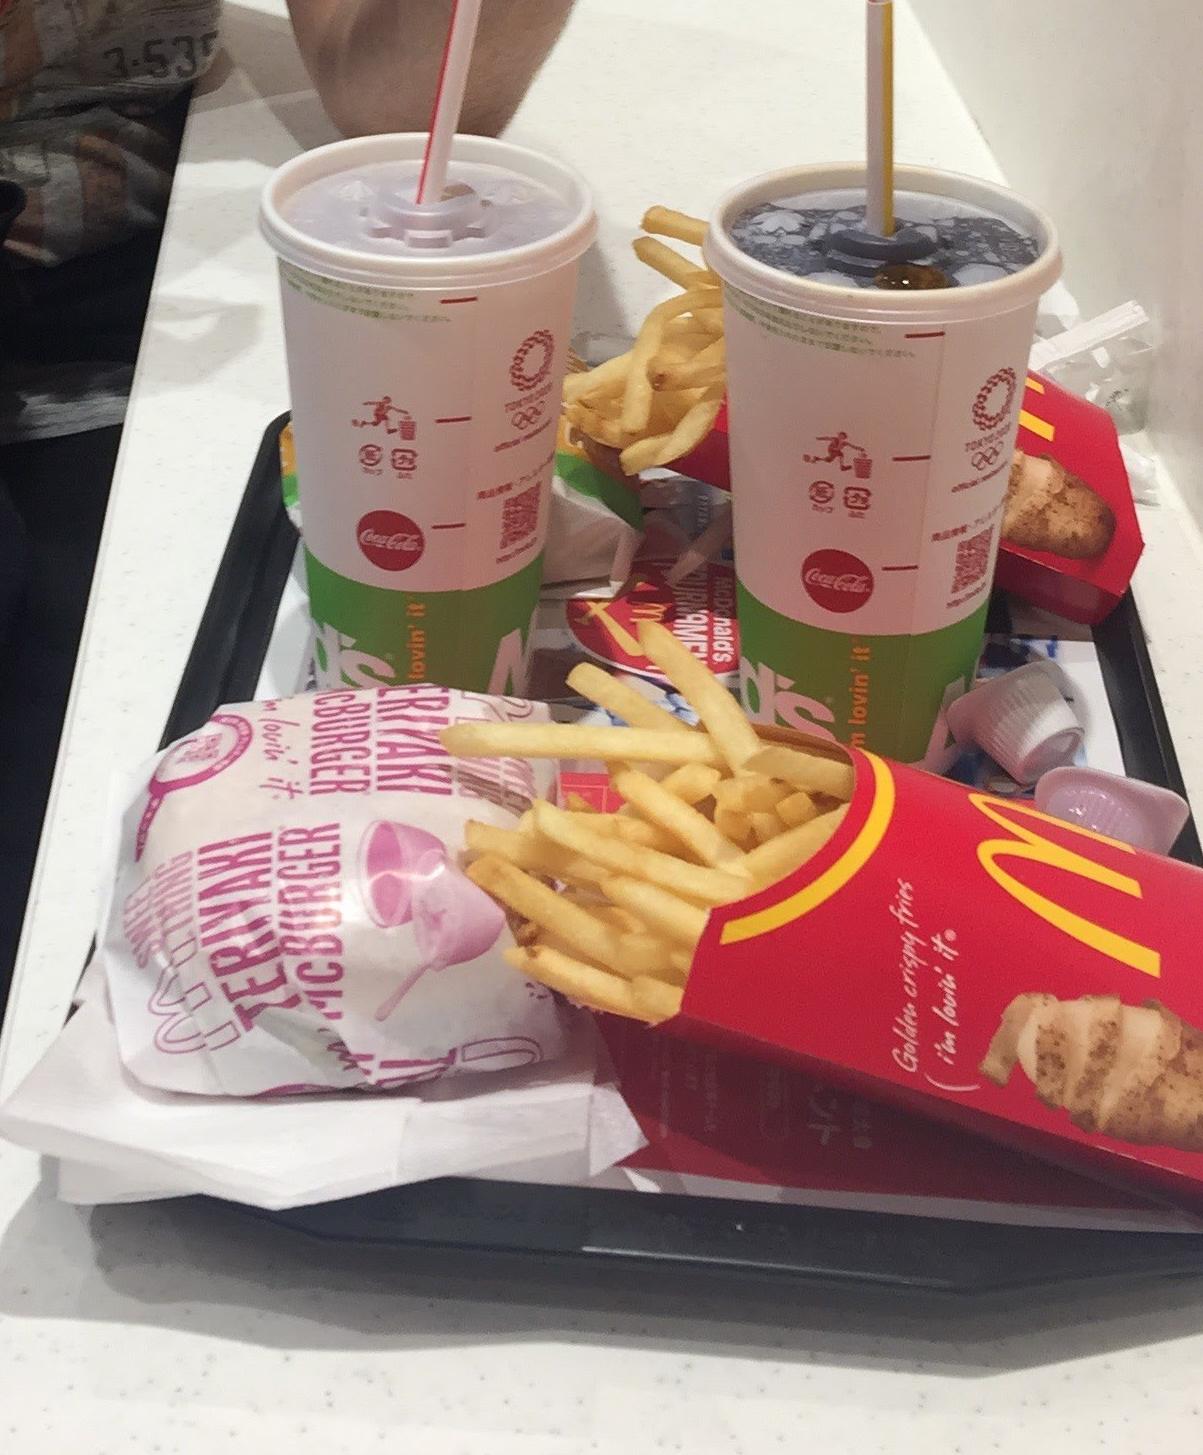 McDonald's Tokyo